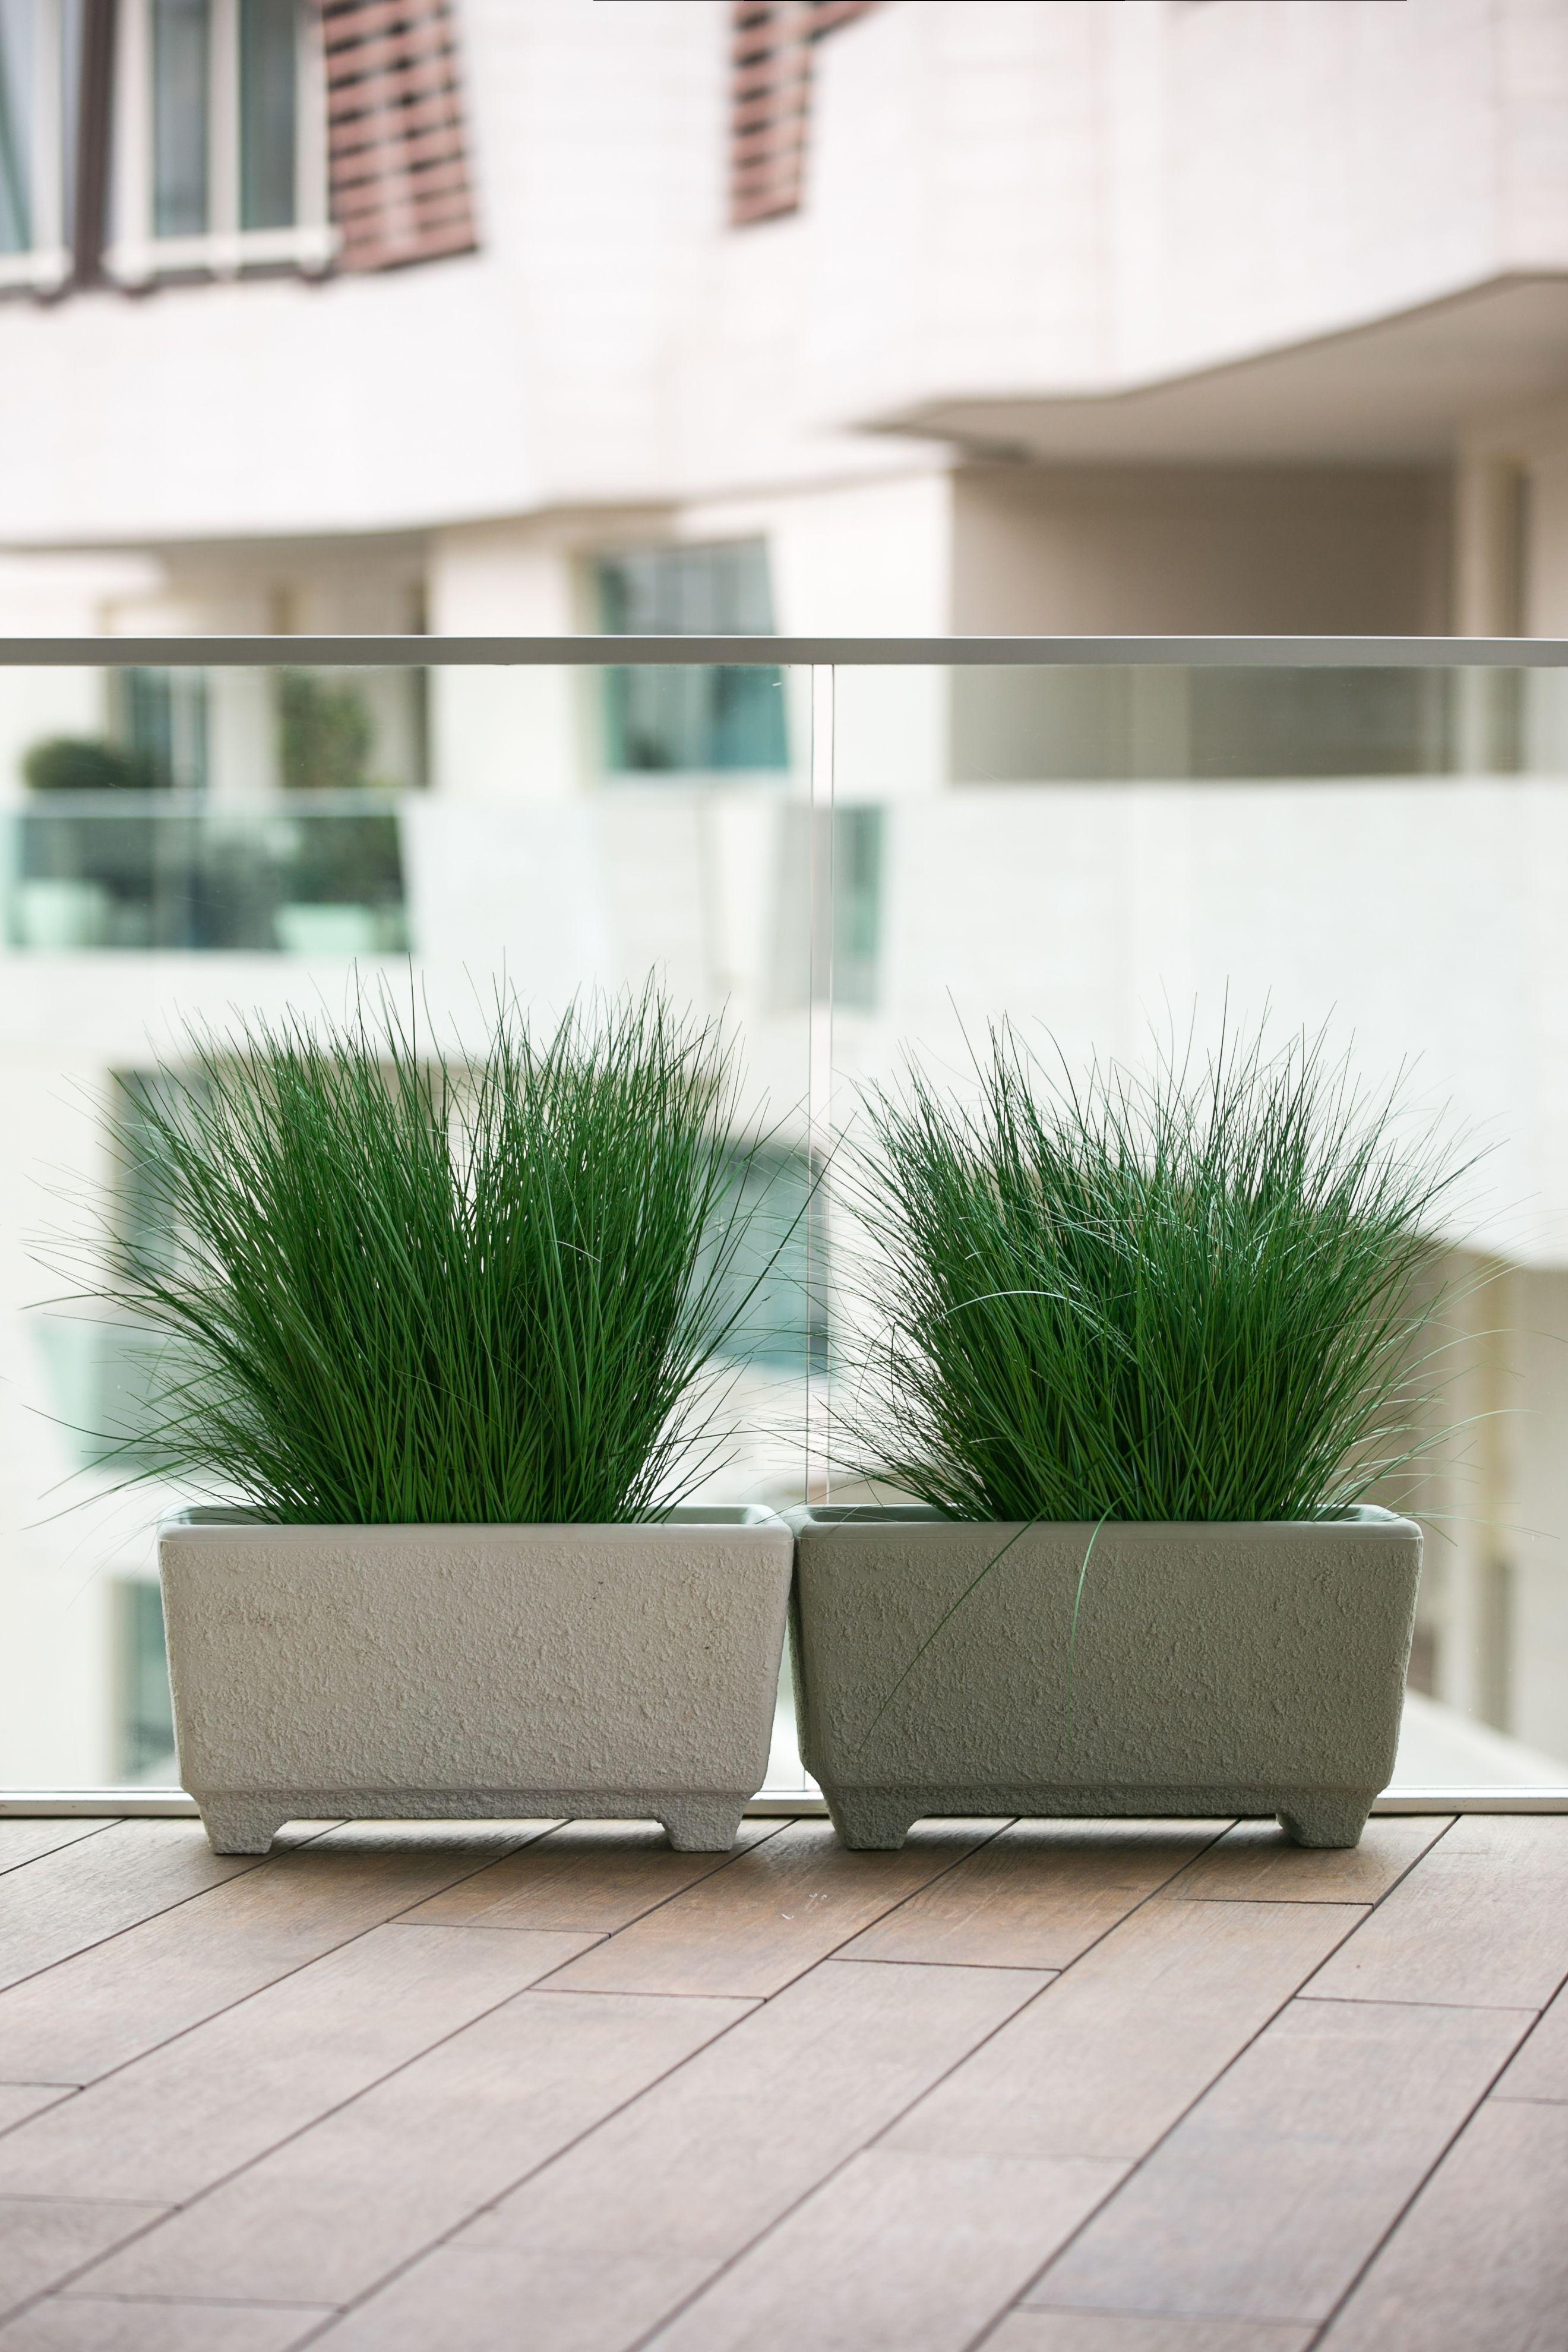 Serralunga Pots #graniglia #garden #collection #outdoor #indoor #1825  #plastic